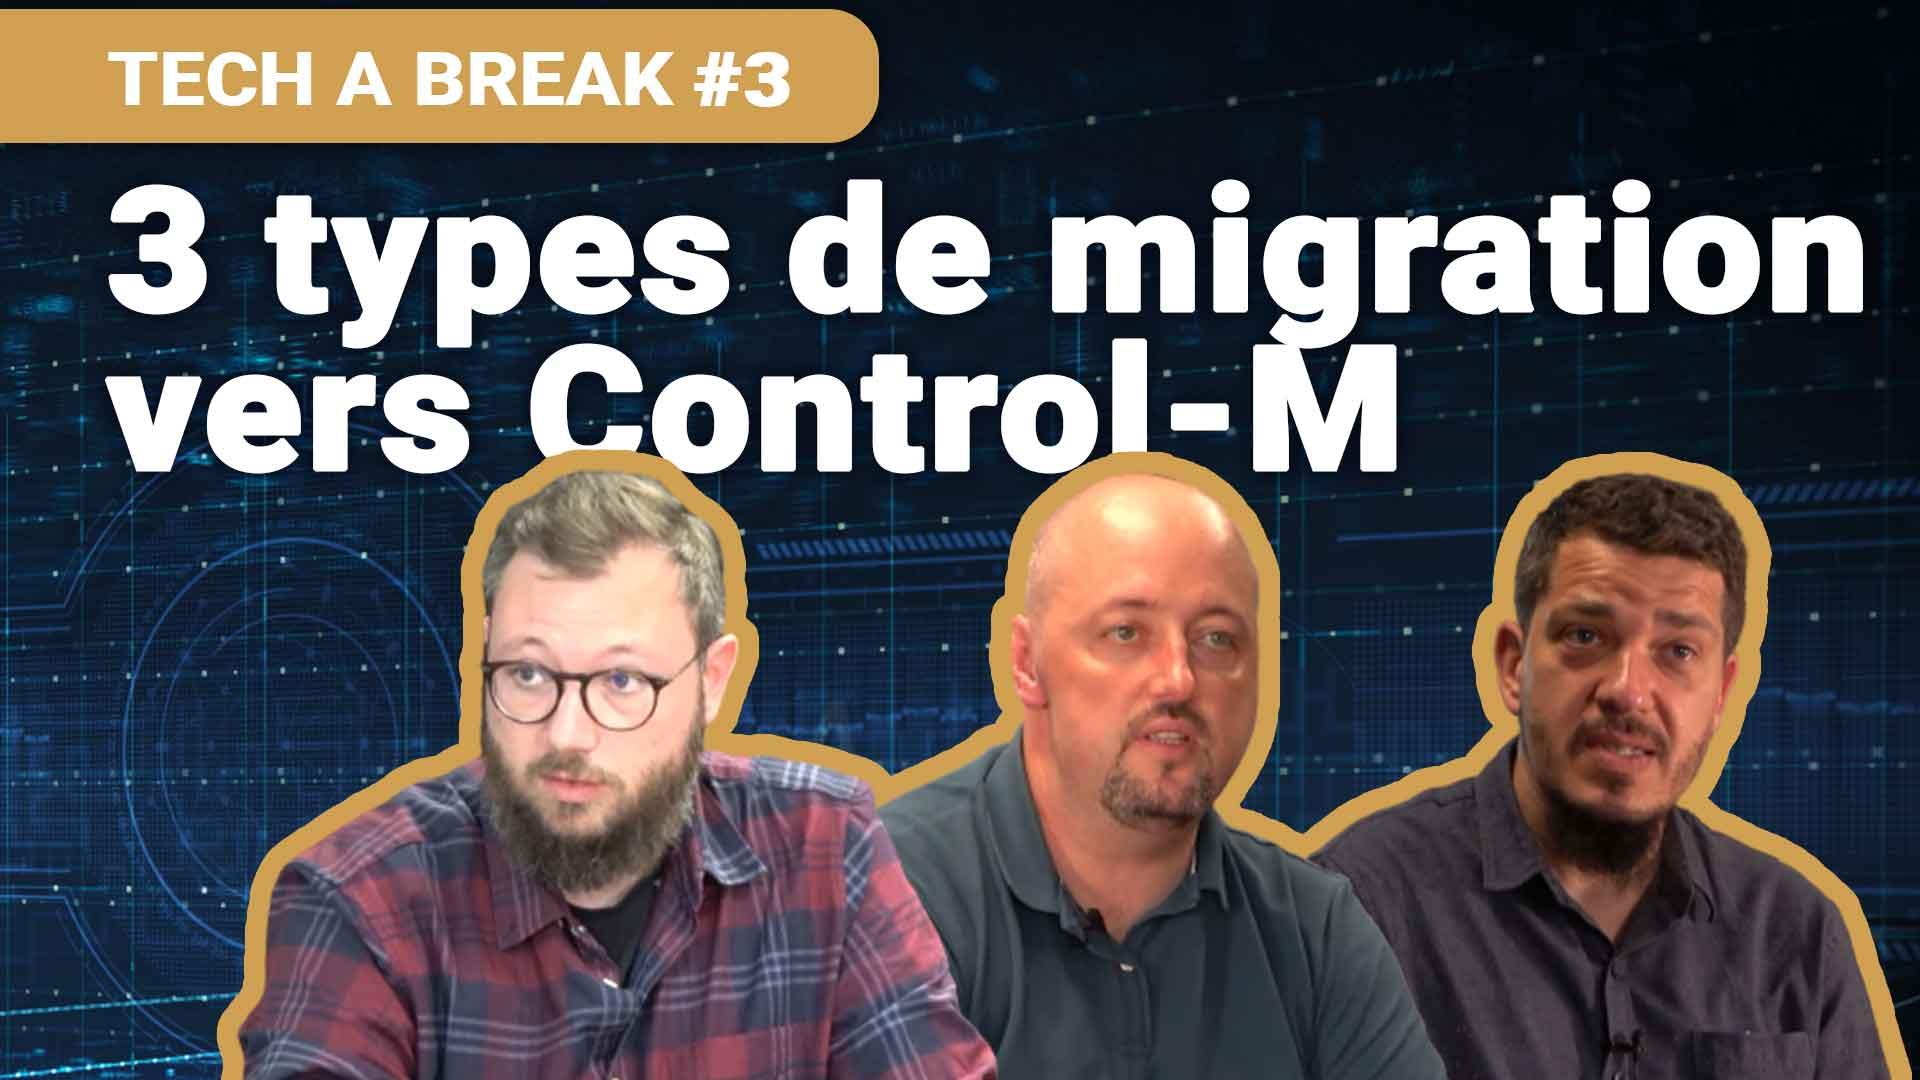 TECH A BREAK EP #3 : 3 types de projets de migration vers Control-M